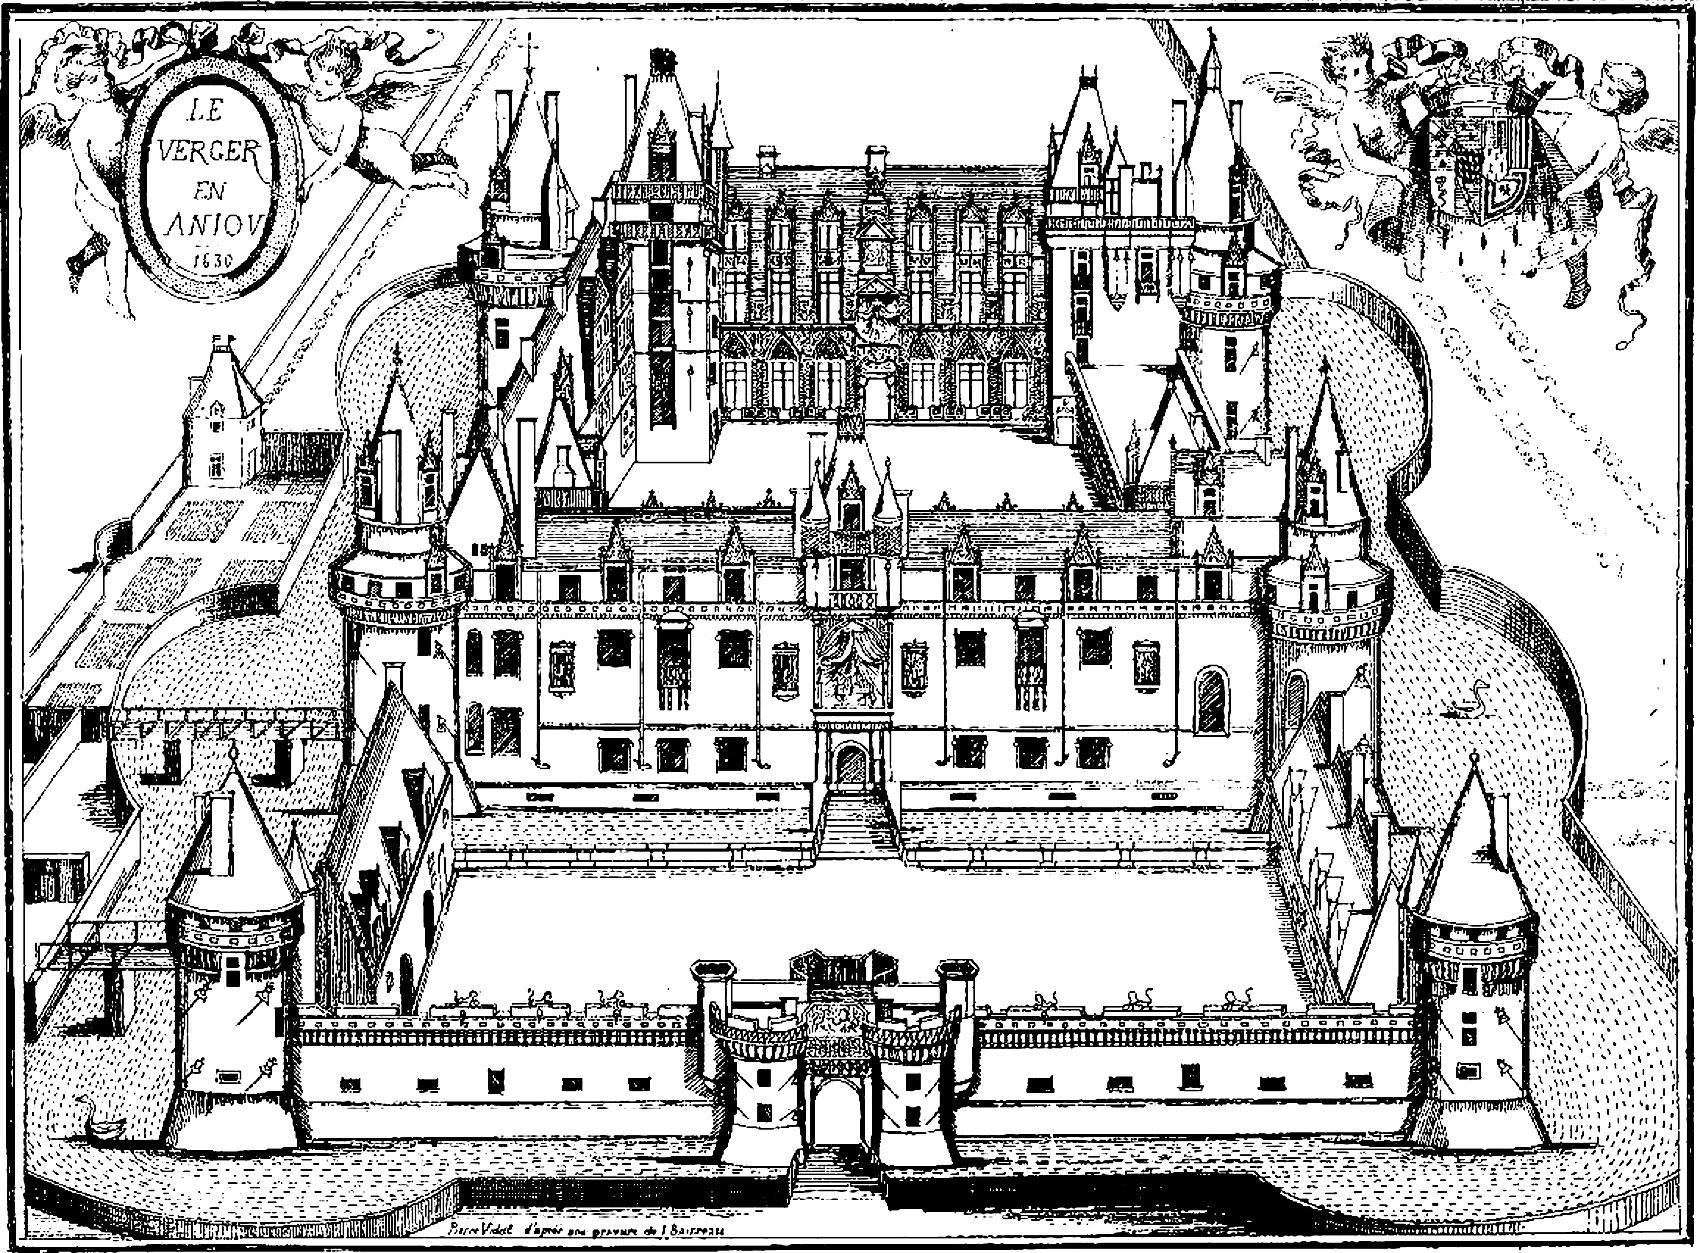 Rois et reines coloriages difficiles pour adultes coloriage chateau du verger gravure - Chateau a imprimer ...